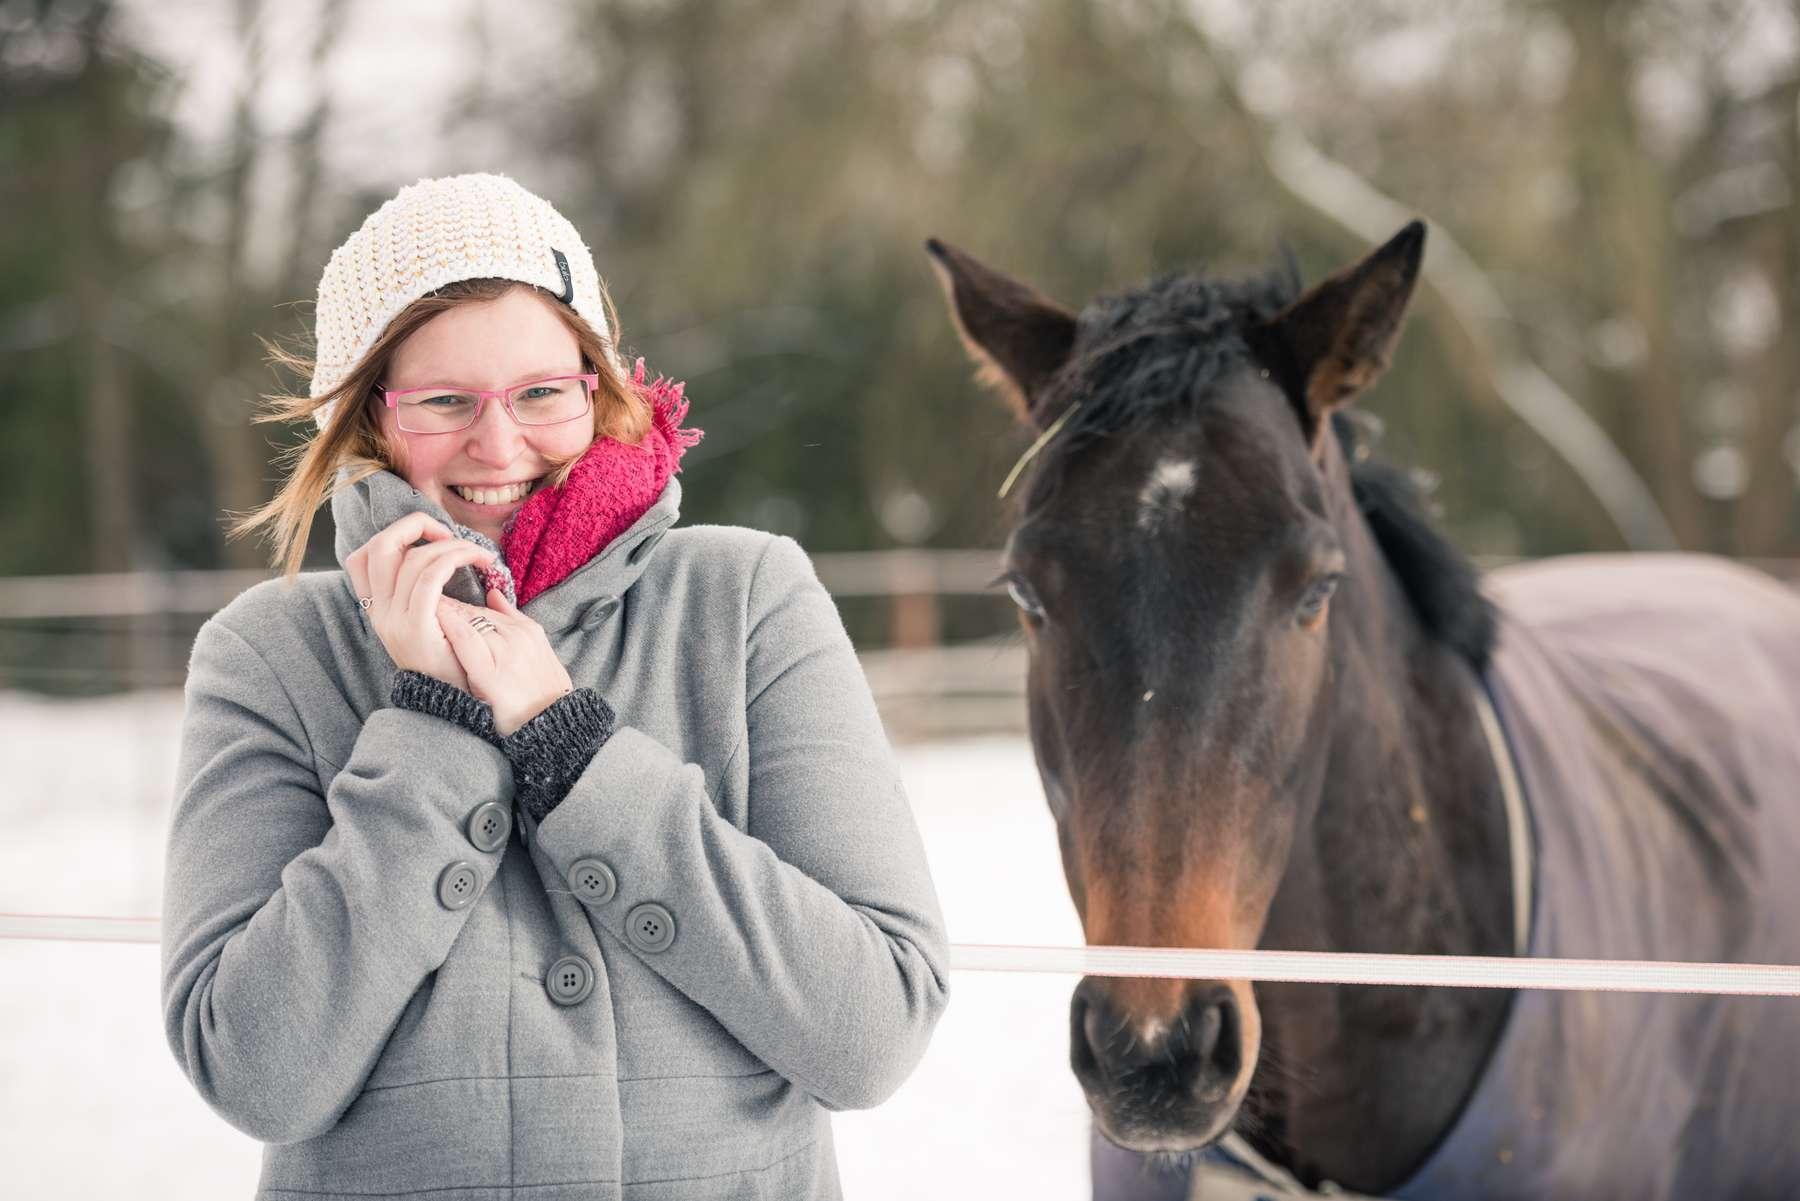 Junge hübsche Frau lächelt trotz Kälte am verschneiten Tag mit Ihrem Pferd um die Wette